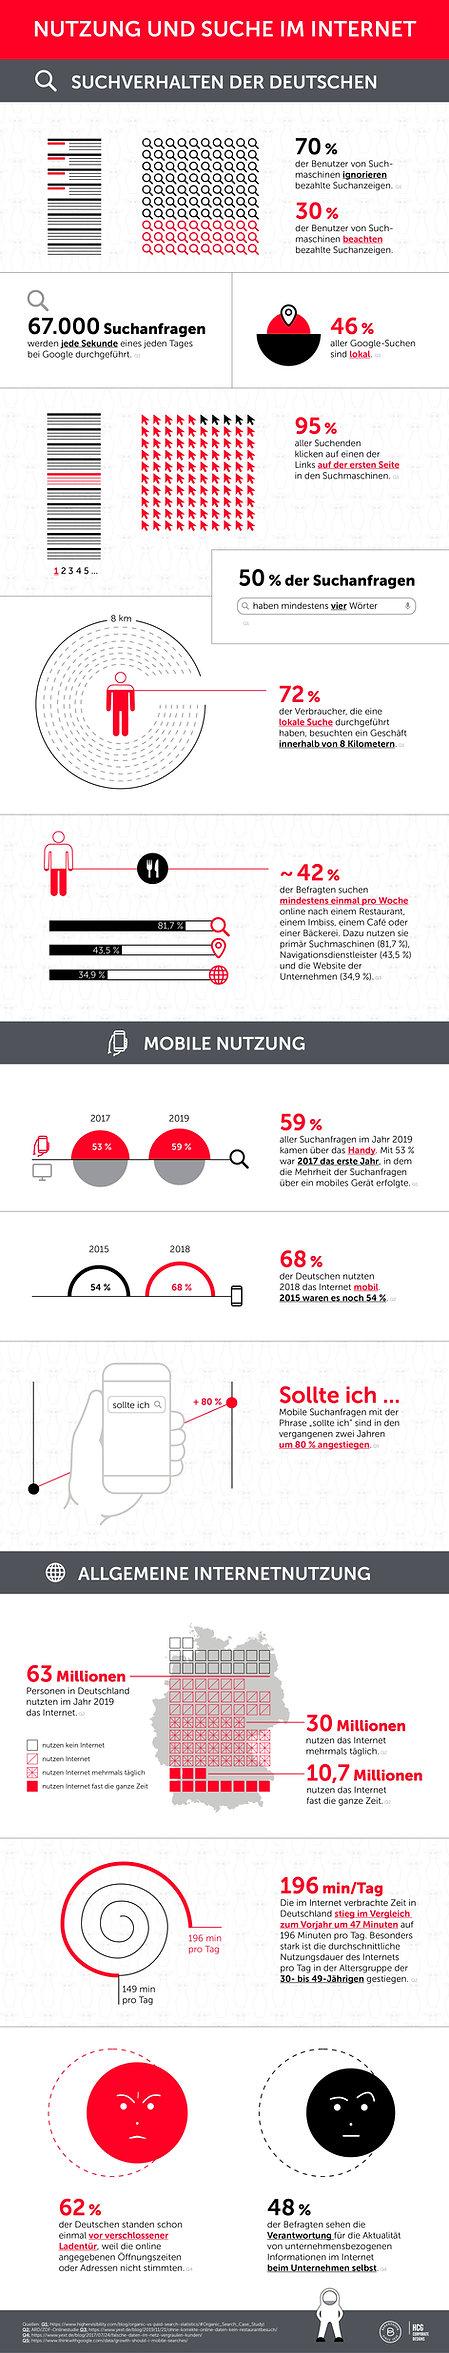 Infografik Werbeaussendung